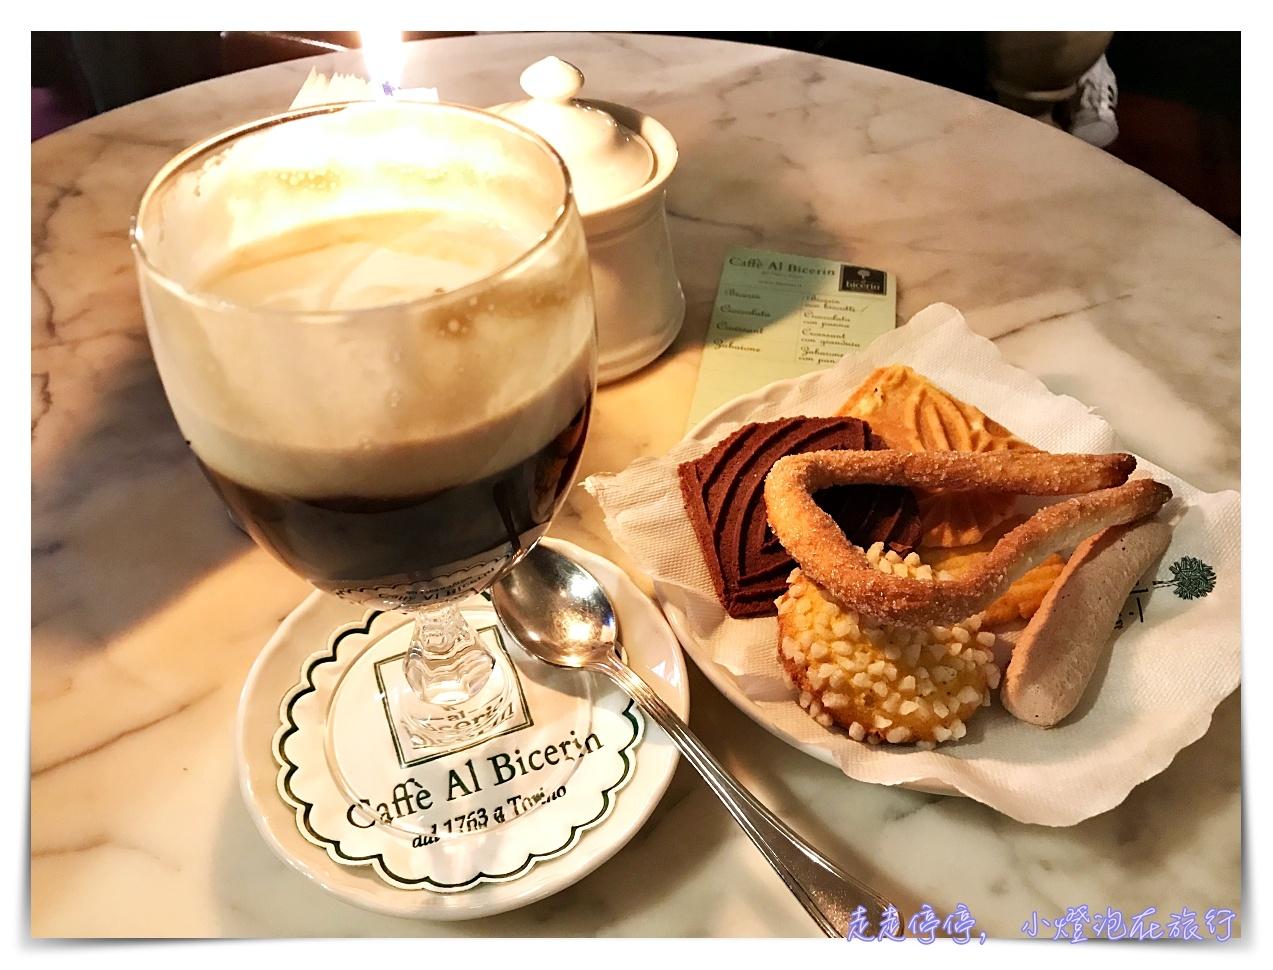 即時熱門文章:杜林獨家美食|Bicerin,Torino必嚐巧克力飲品~Caffè Al Bicerin, 1763年經典好滋味~